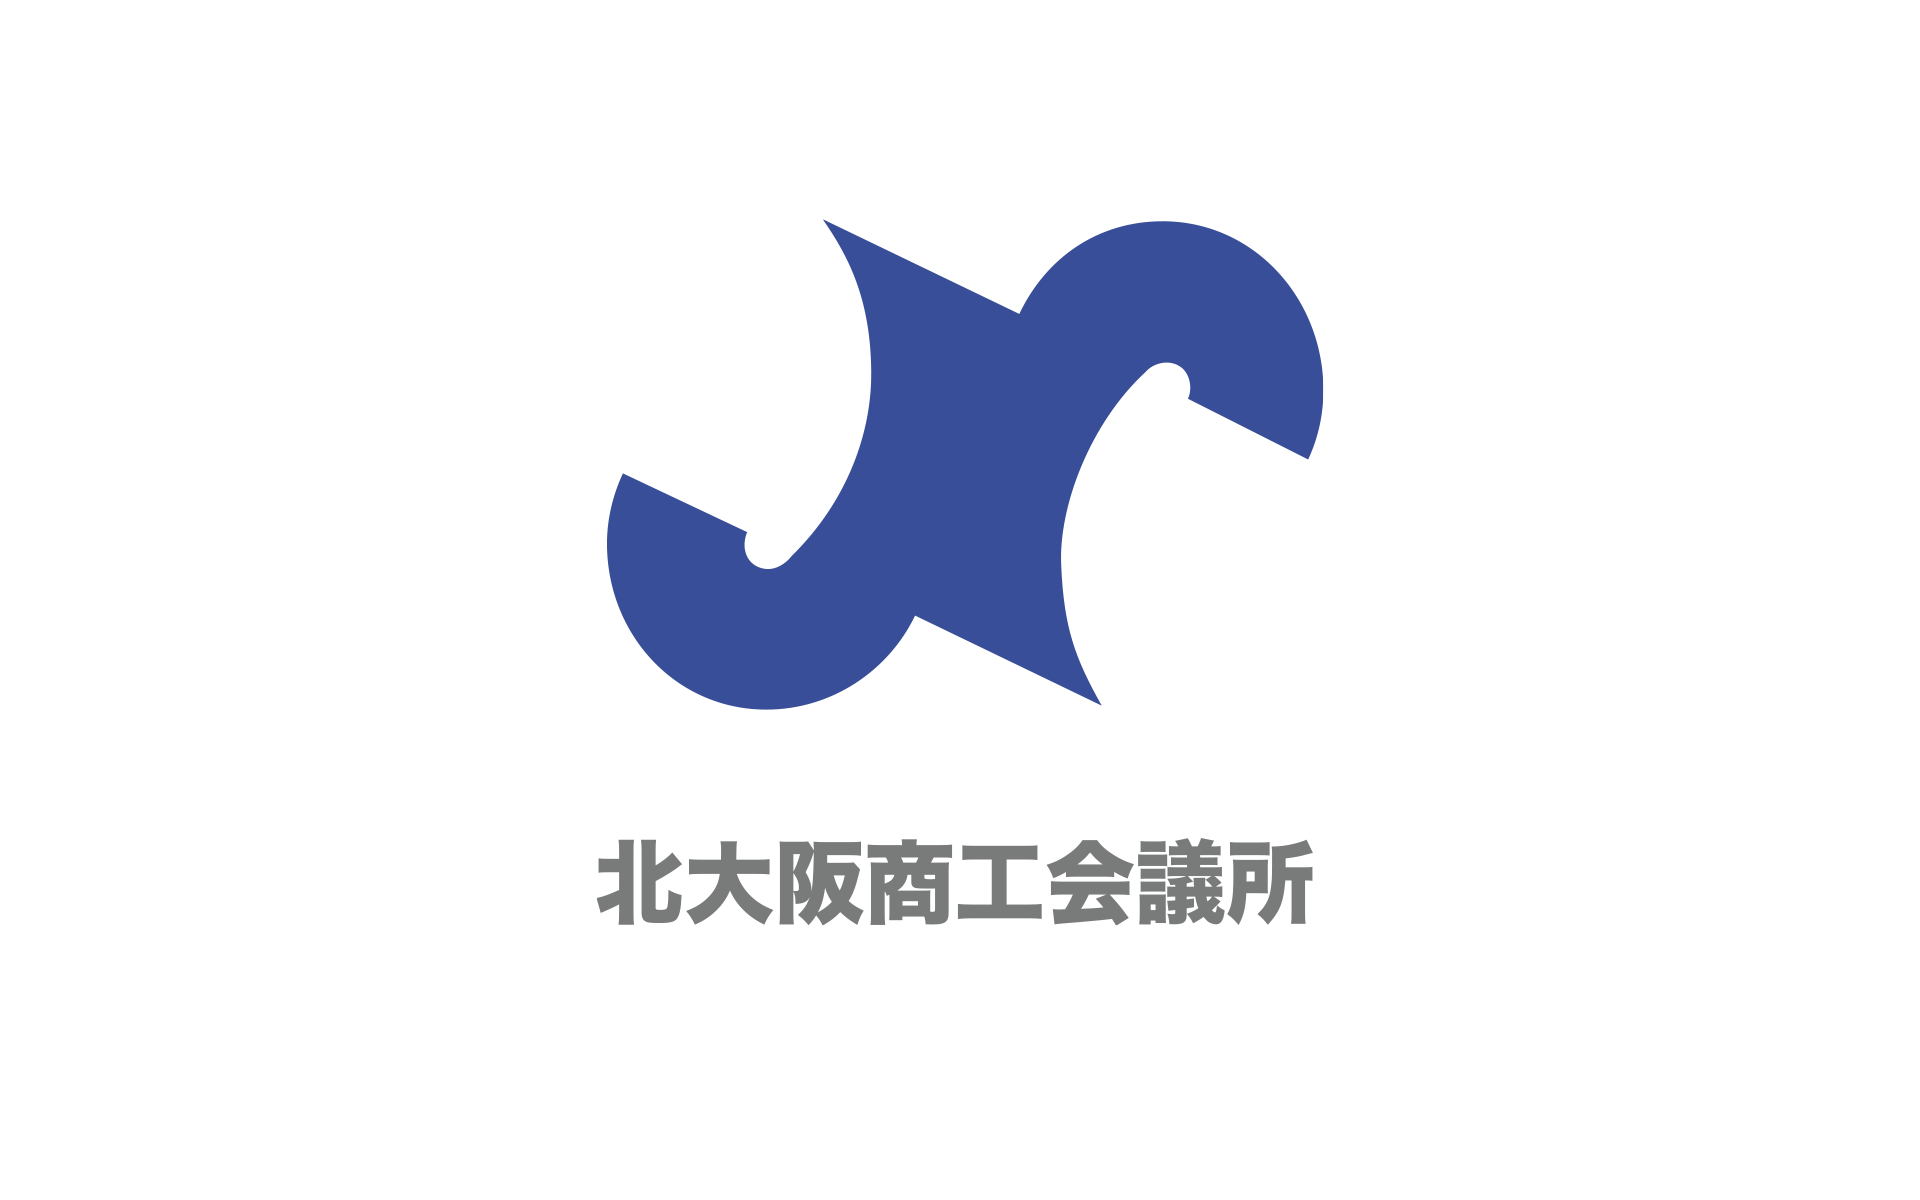 北大阪商工会議所「クラウドファンディングによる地域飲食店応援プロジェクト」支援金募集開始!